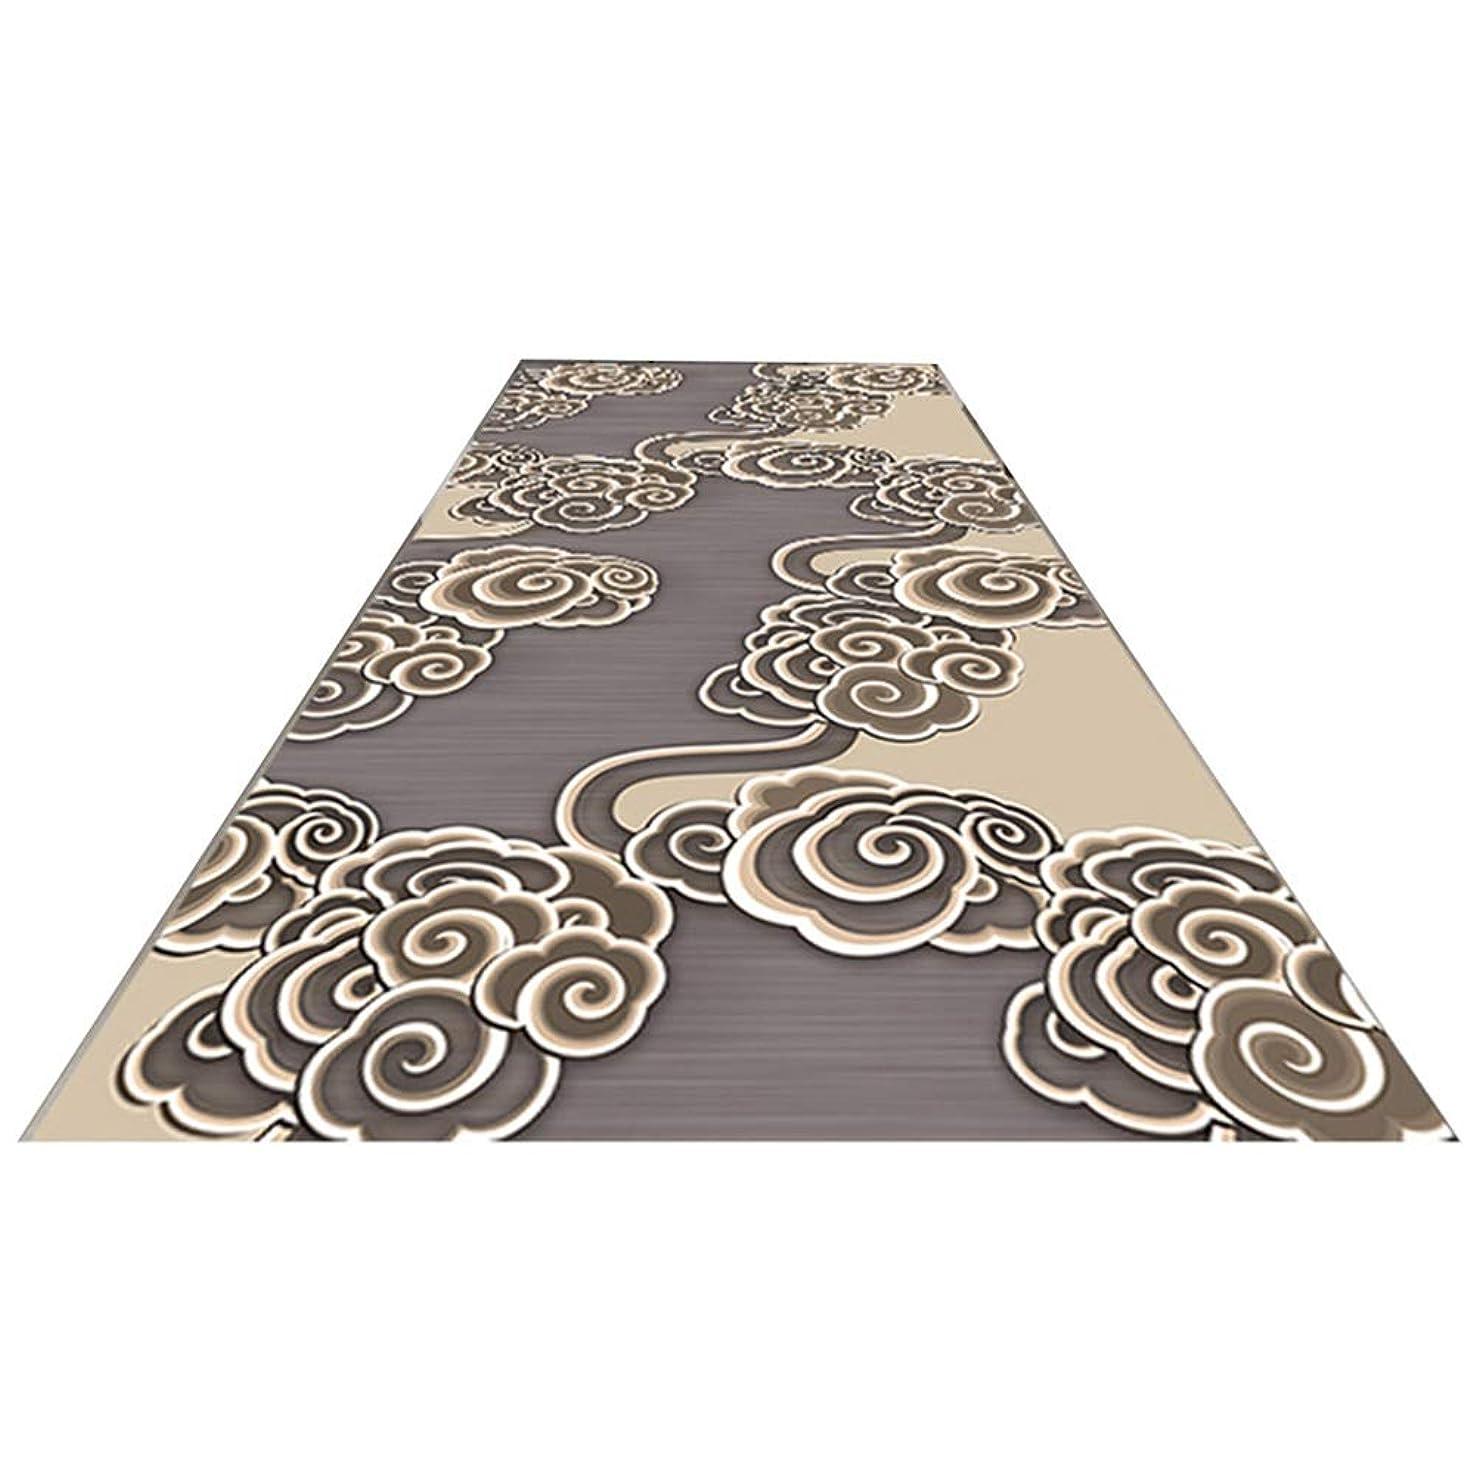 リレークマノミ同一のLJJL 廊下のカーペット リビングルームベッドルームキッチンオフィスのための屋内エリアラグ&ドアノンスリップマットエクストラロングカーペットの床インテリア (Size : 60×100CM)